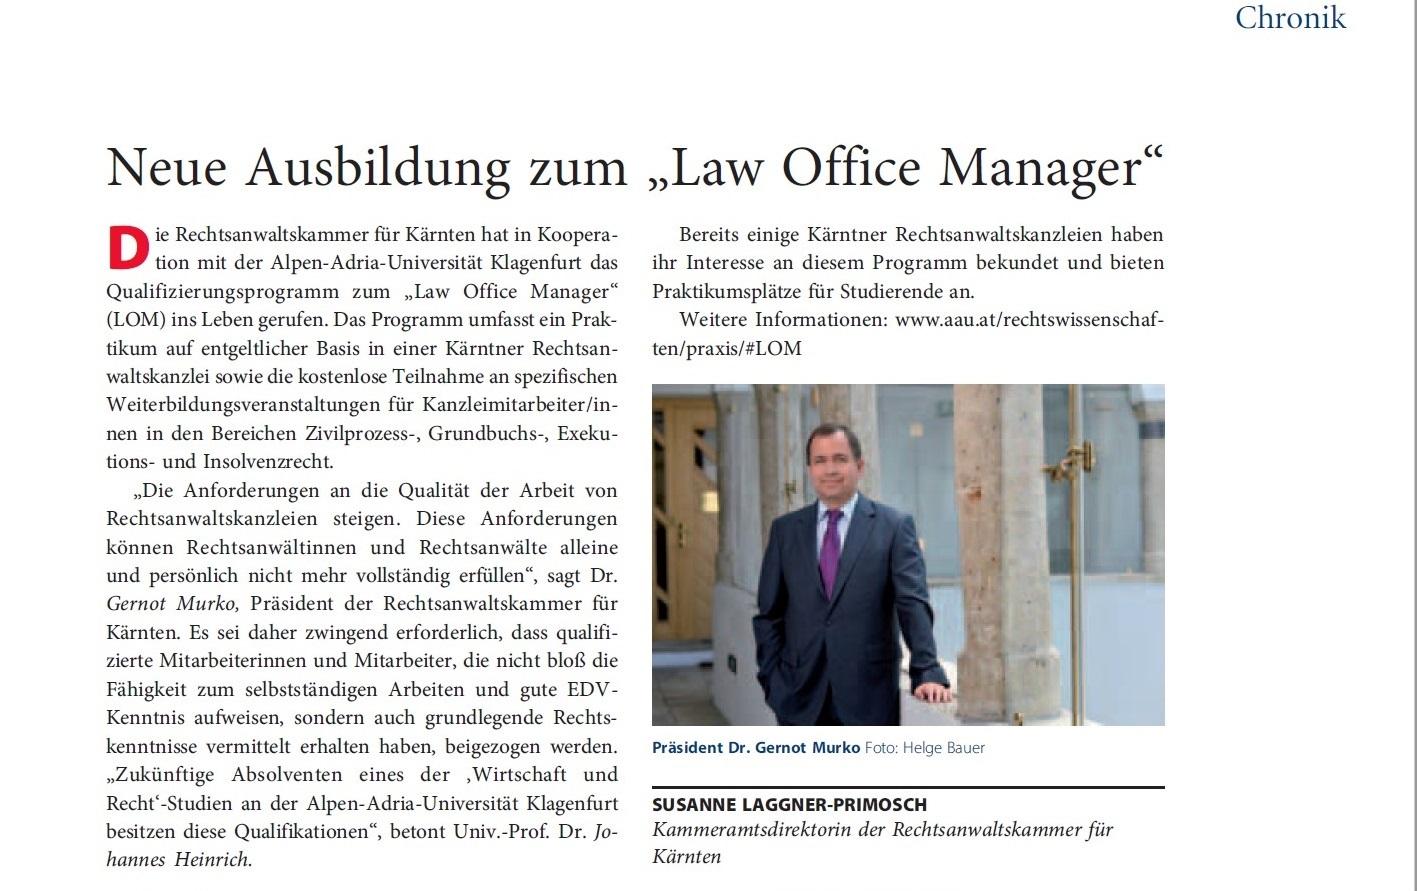 Charmant Ziel Neulich Hochschulabsolvent Zu übernehmen Fotos ...